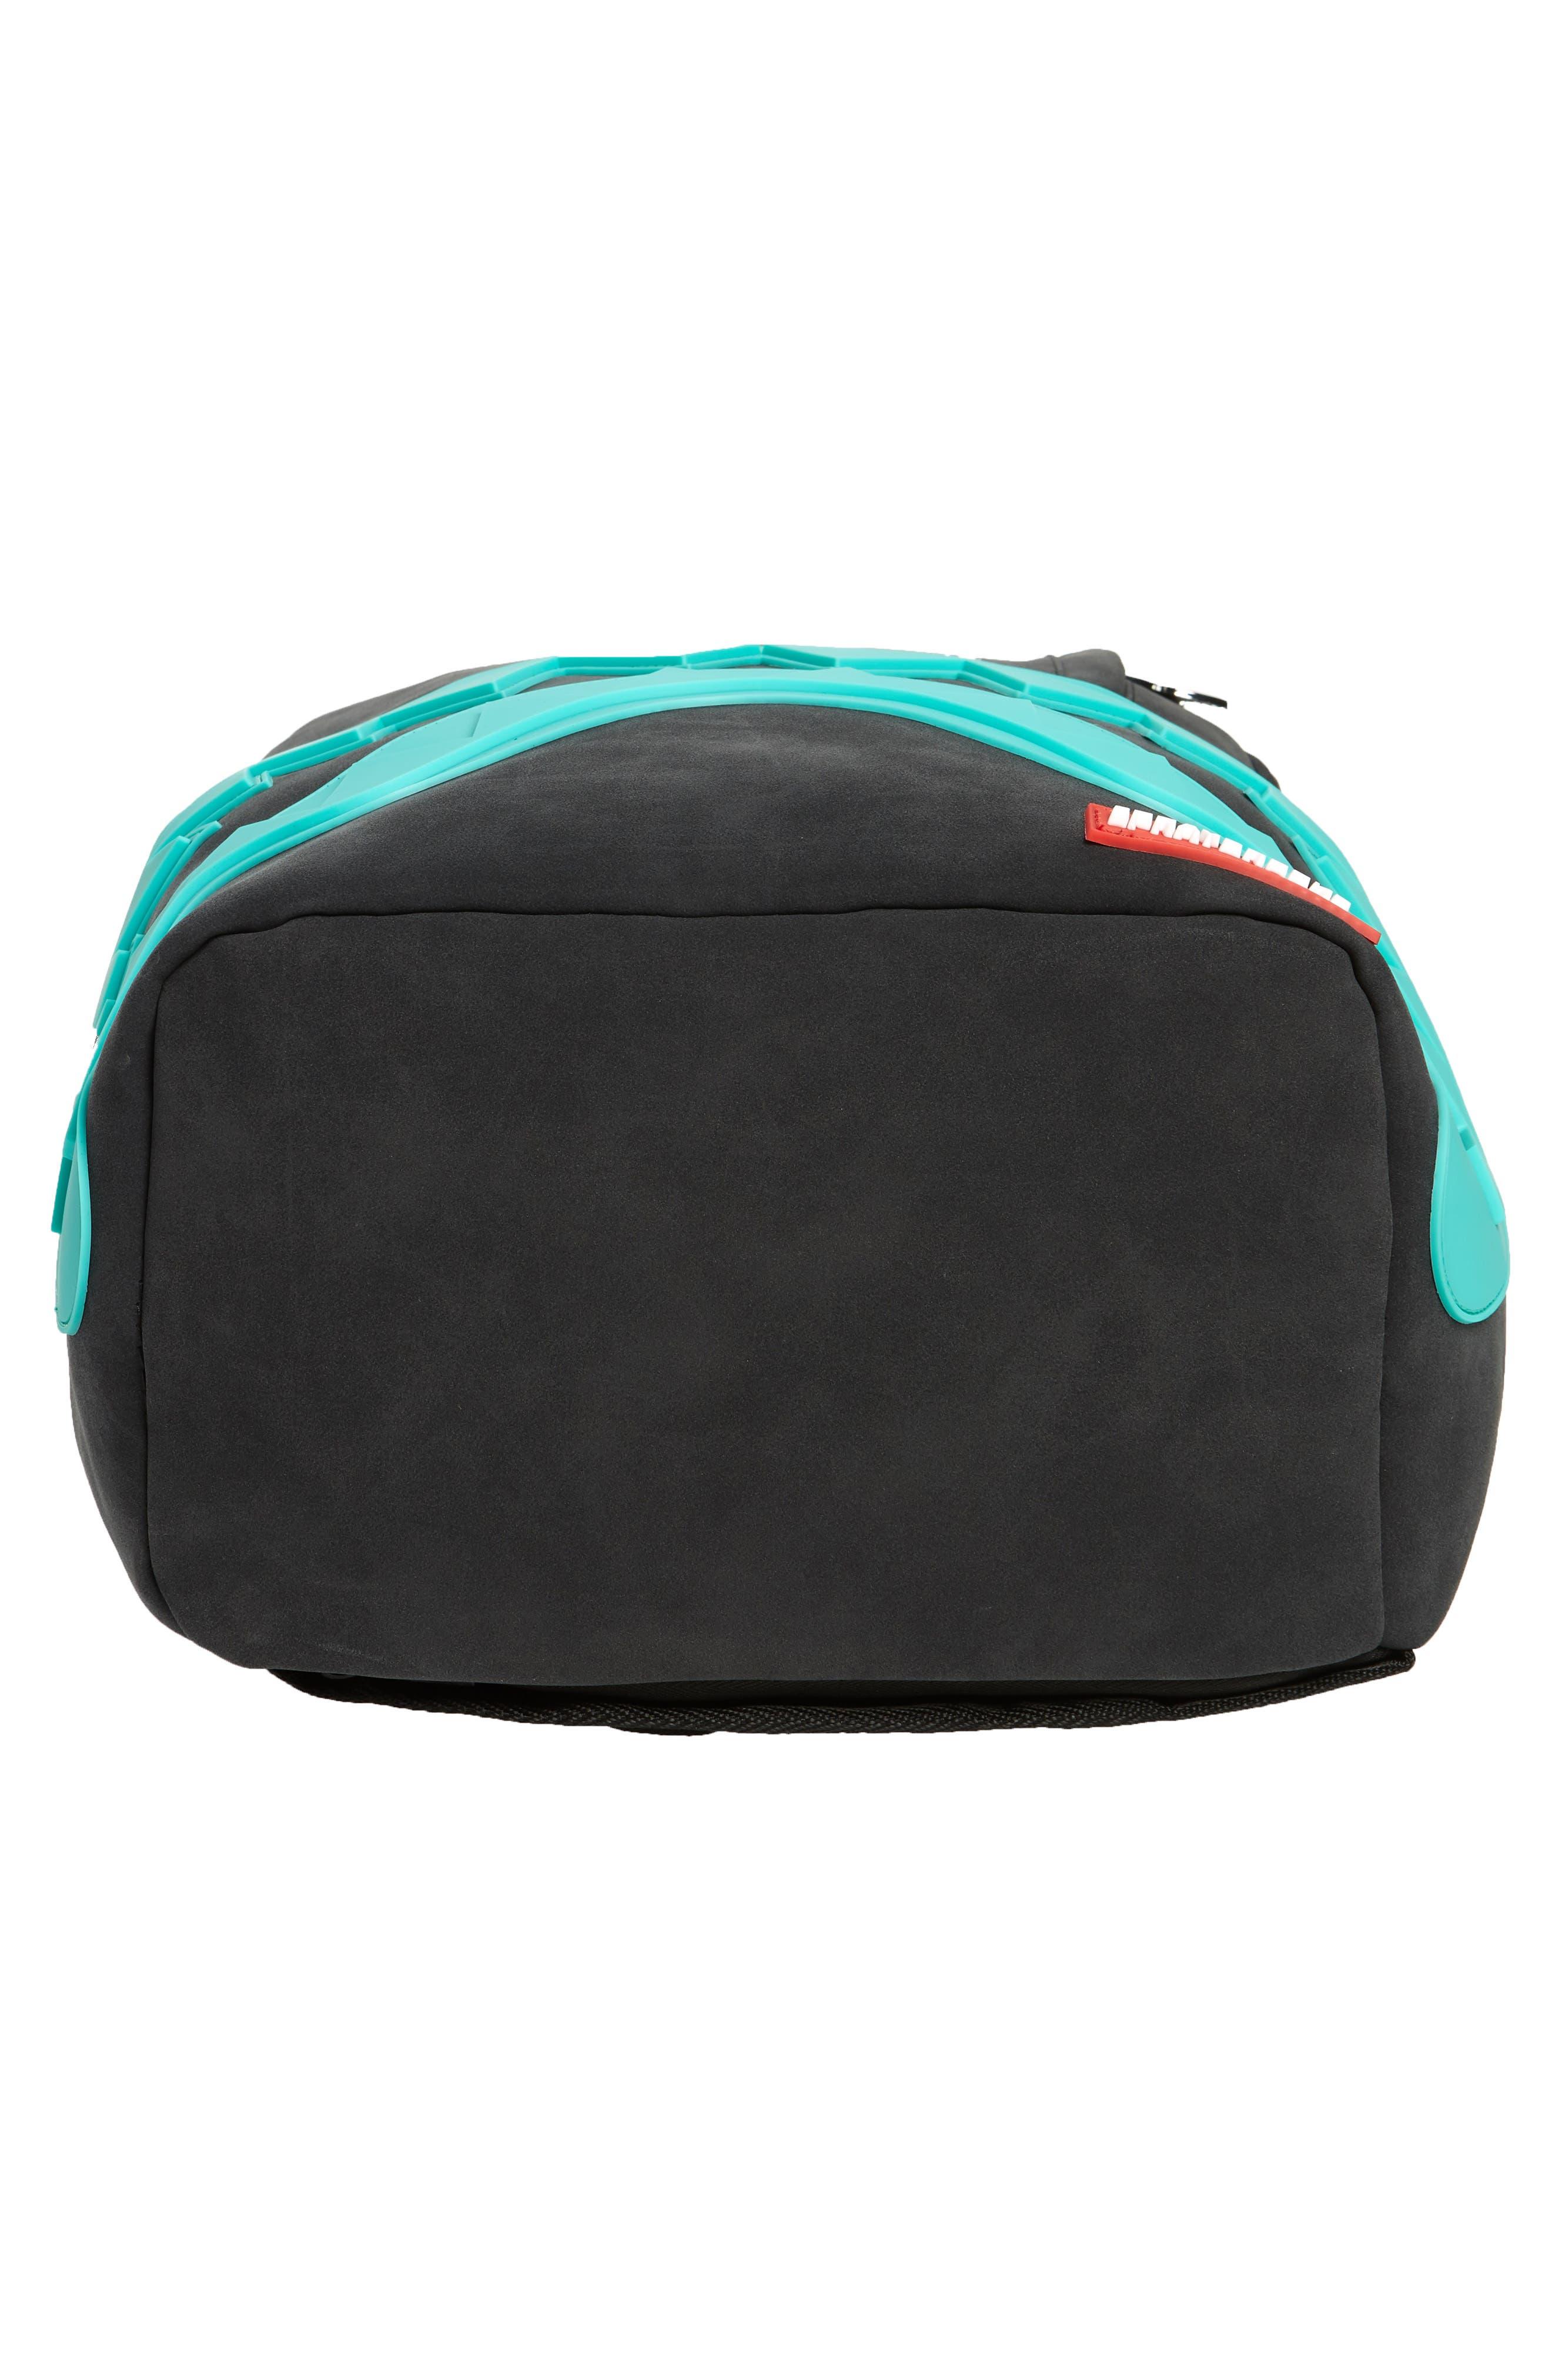 Tiff Shark Backpack,                             Alternate thumbnail 6, color,